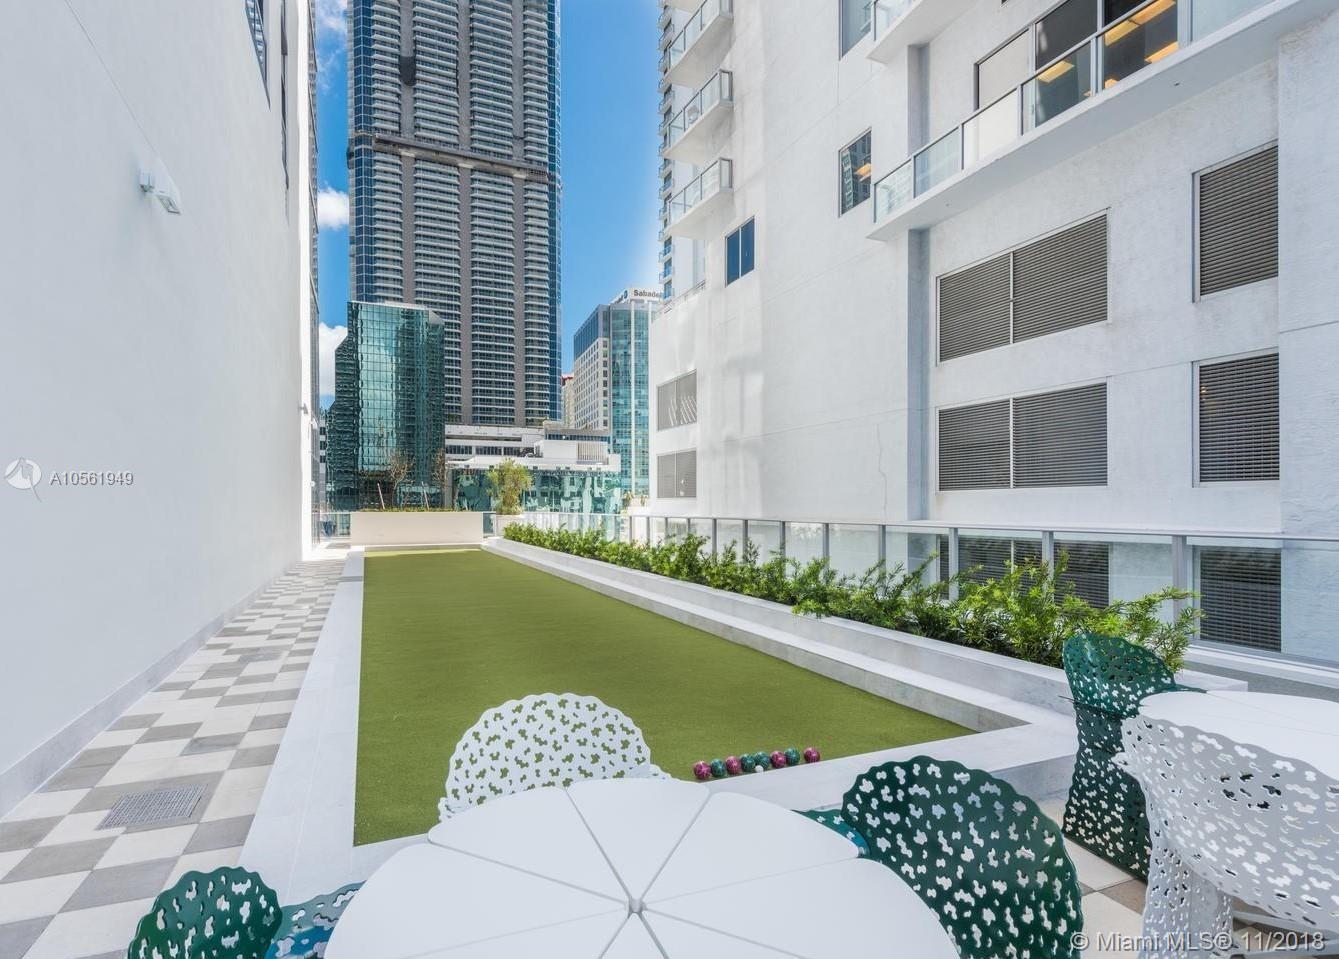 1010 Brickell Avenue, Miami, FL 33131, 1010 Brickell #3909, Brickell, Miami A10561949 image #20